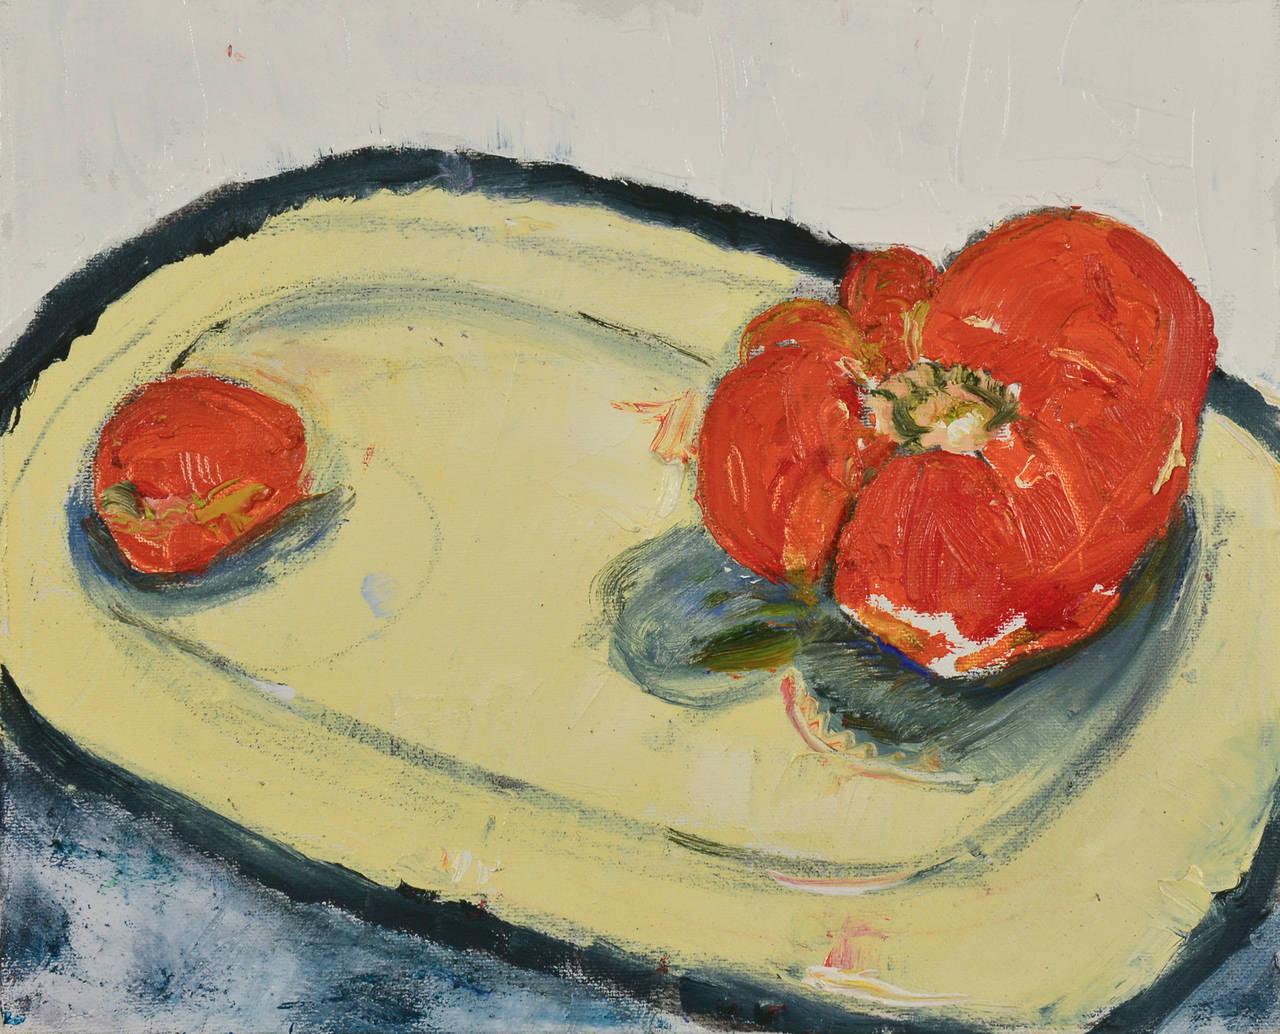 2 Tomatos